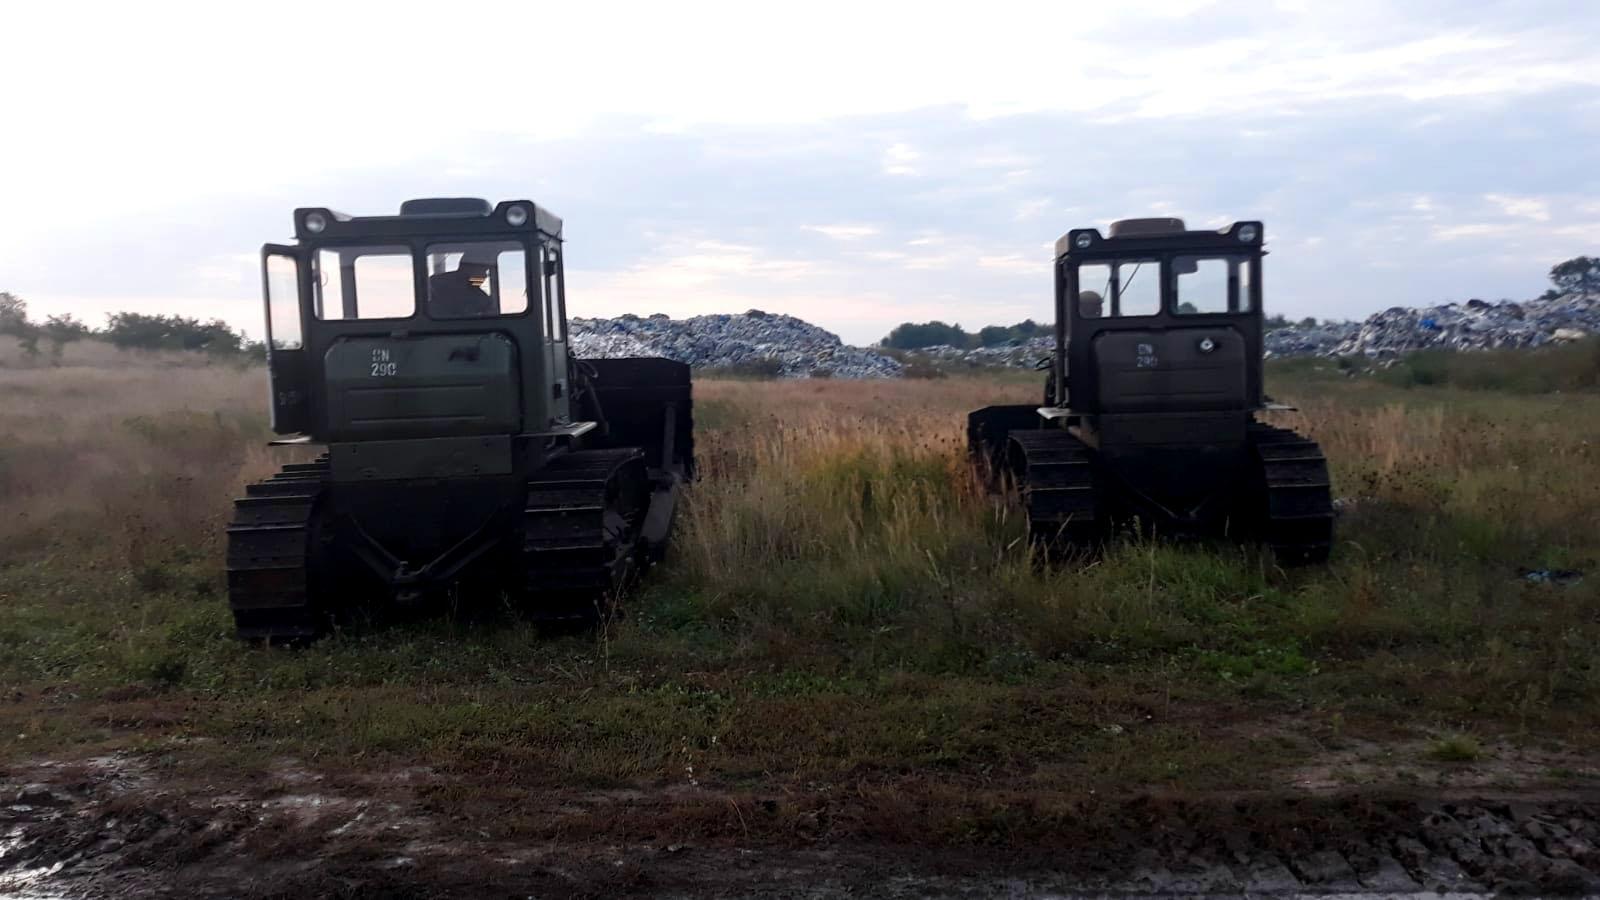 śmieci wojsko pysząca - Michał Czubak - Twitter